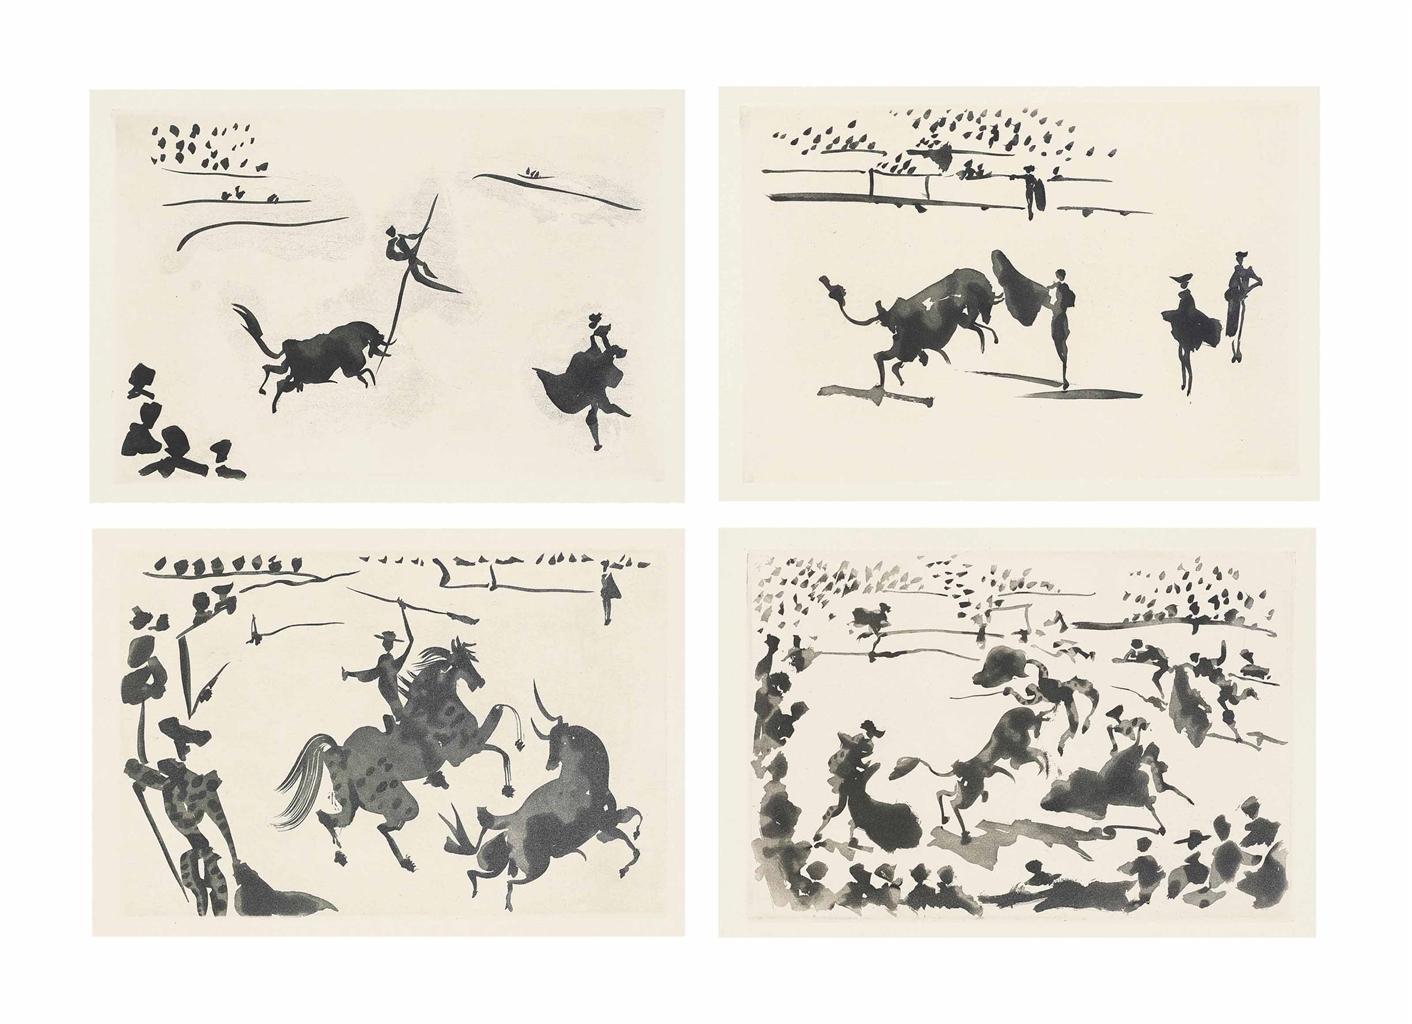 Pablo Picasso-La Tauromaquia-1959